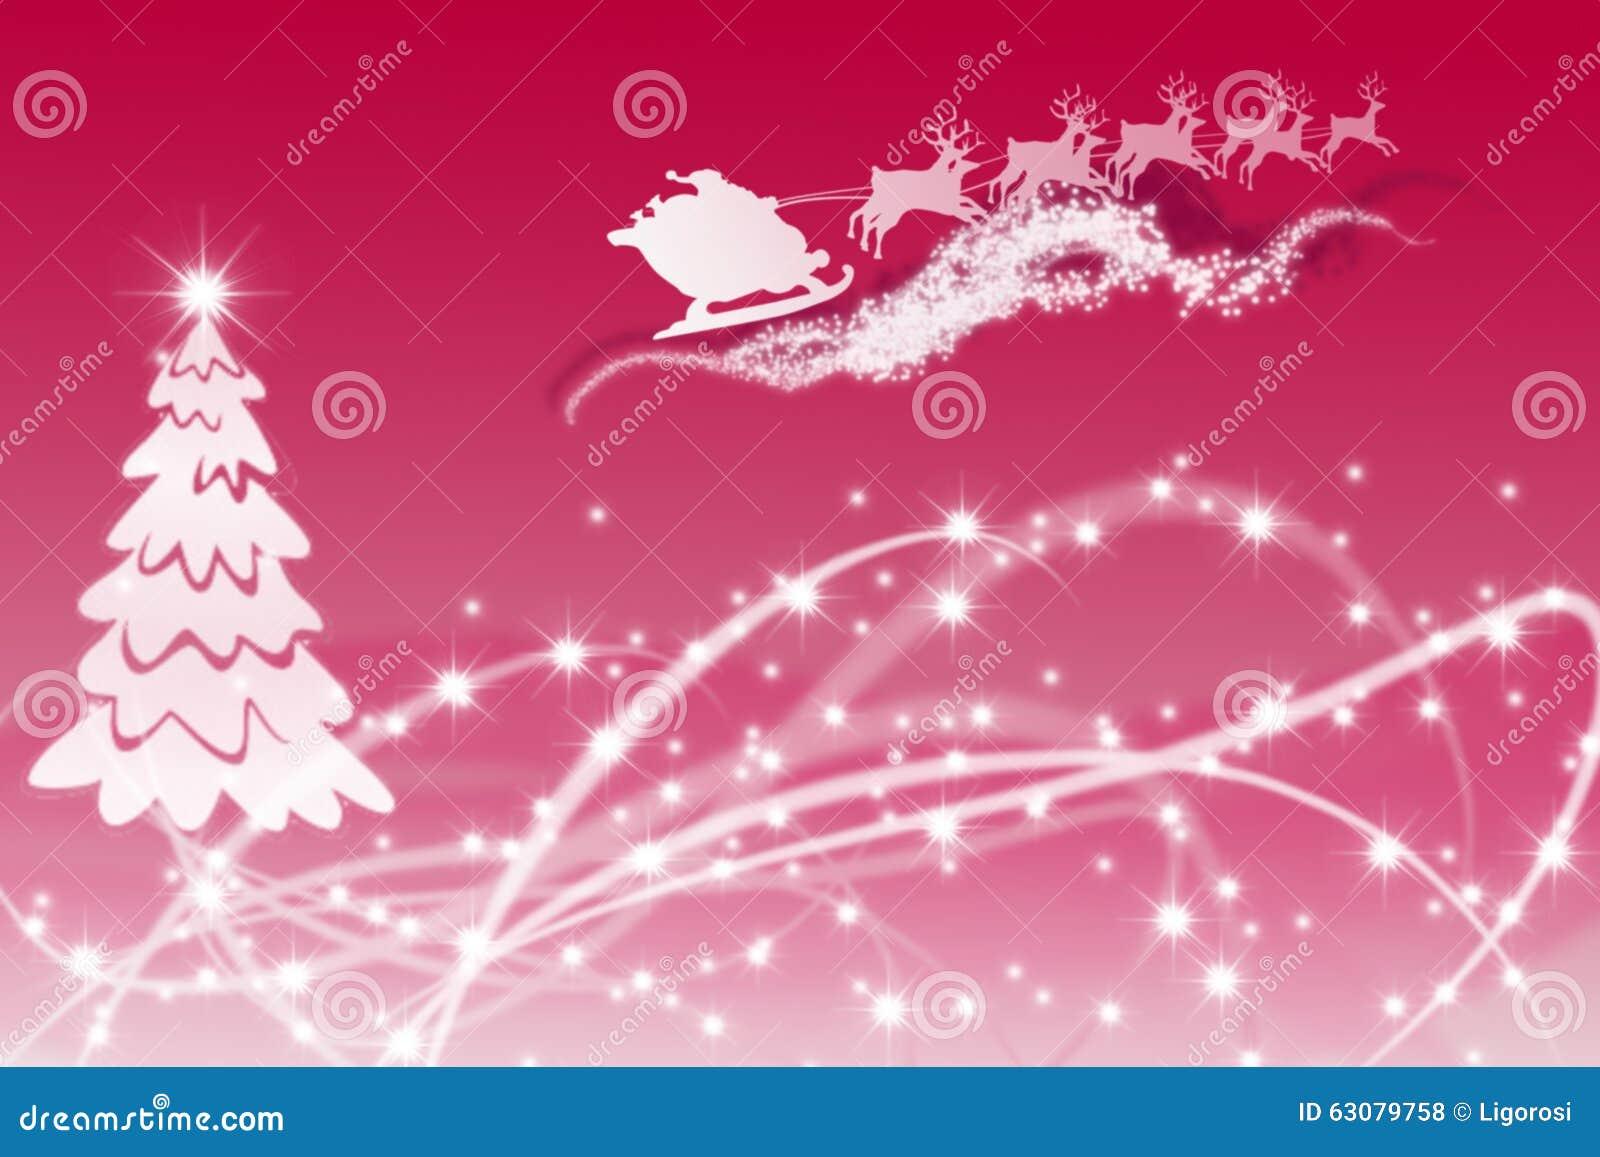 Download Arbre De Noël Blanc Dessiné Par Des Cercles Avec Santa Photo stock - Image du lumière, fond: 63079758